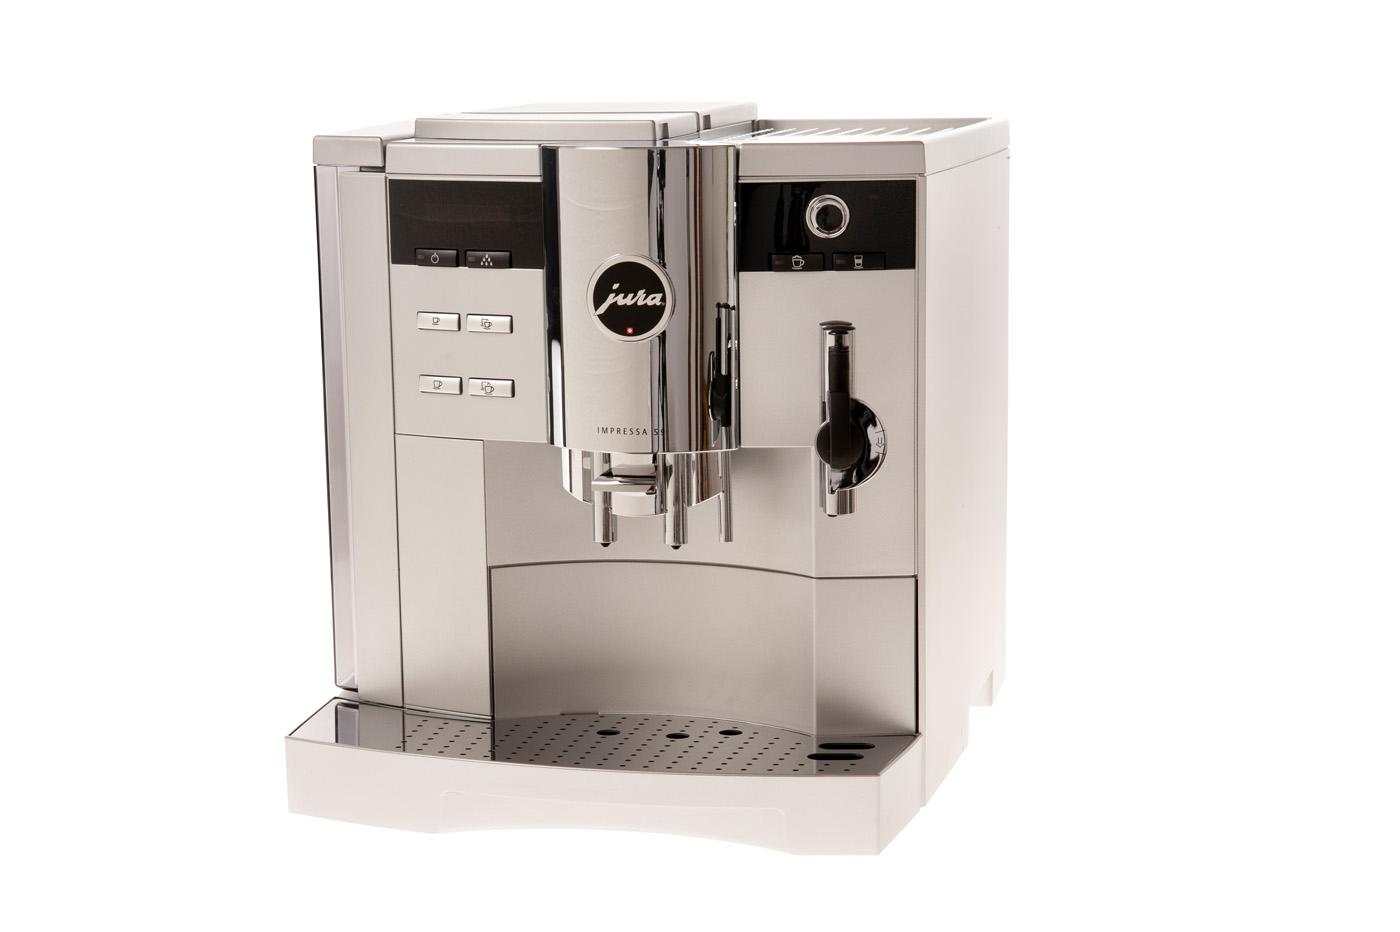 Jura koffiemachine, hoogwaardige productfotografie